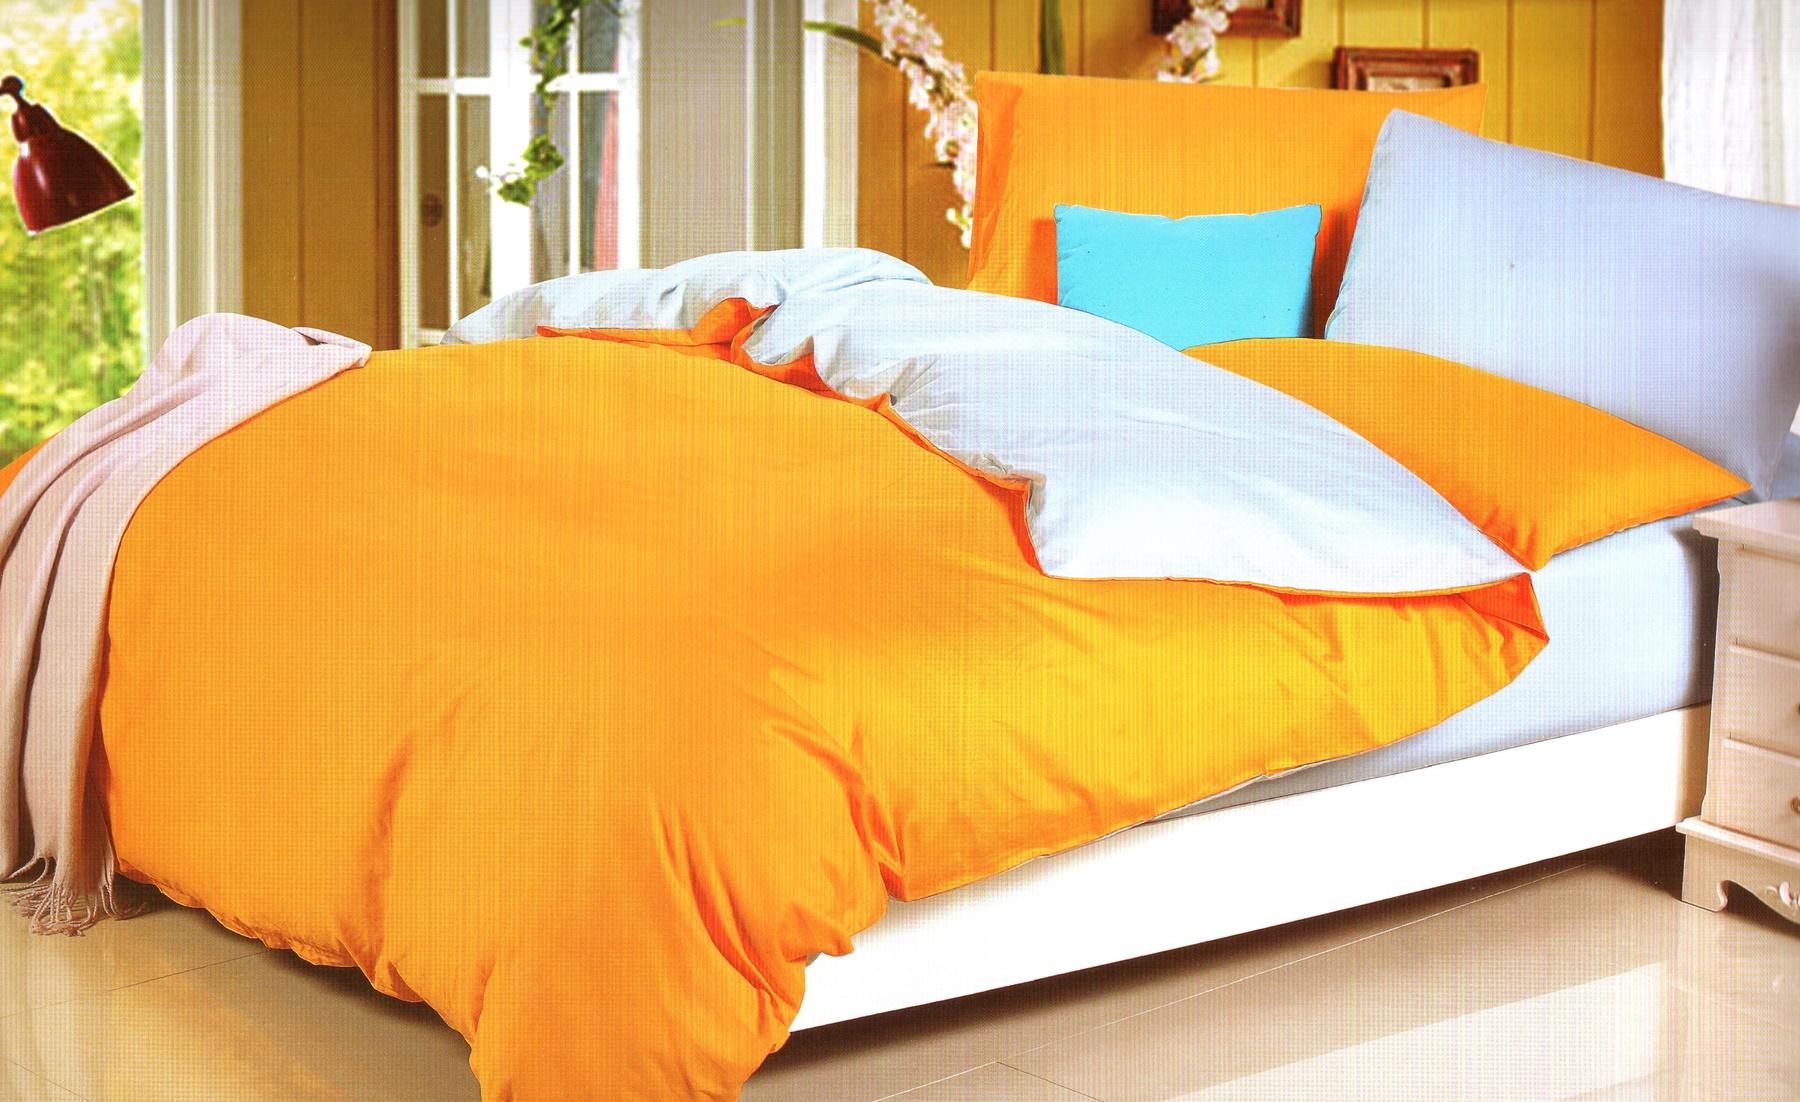 Как да се грижим за спалното бельо